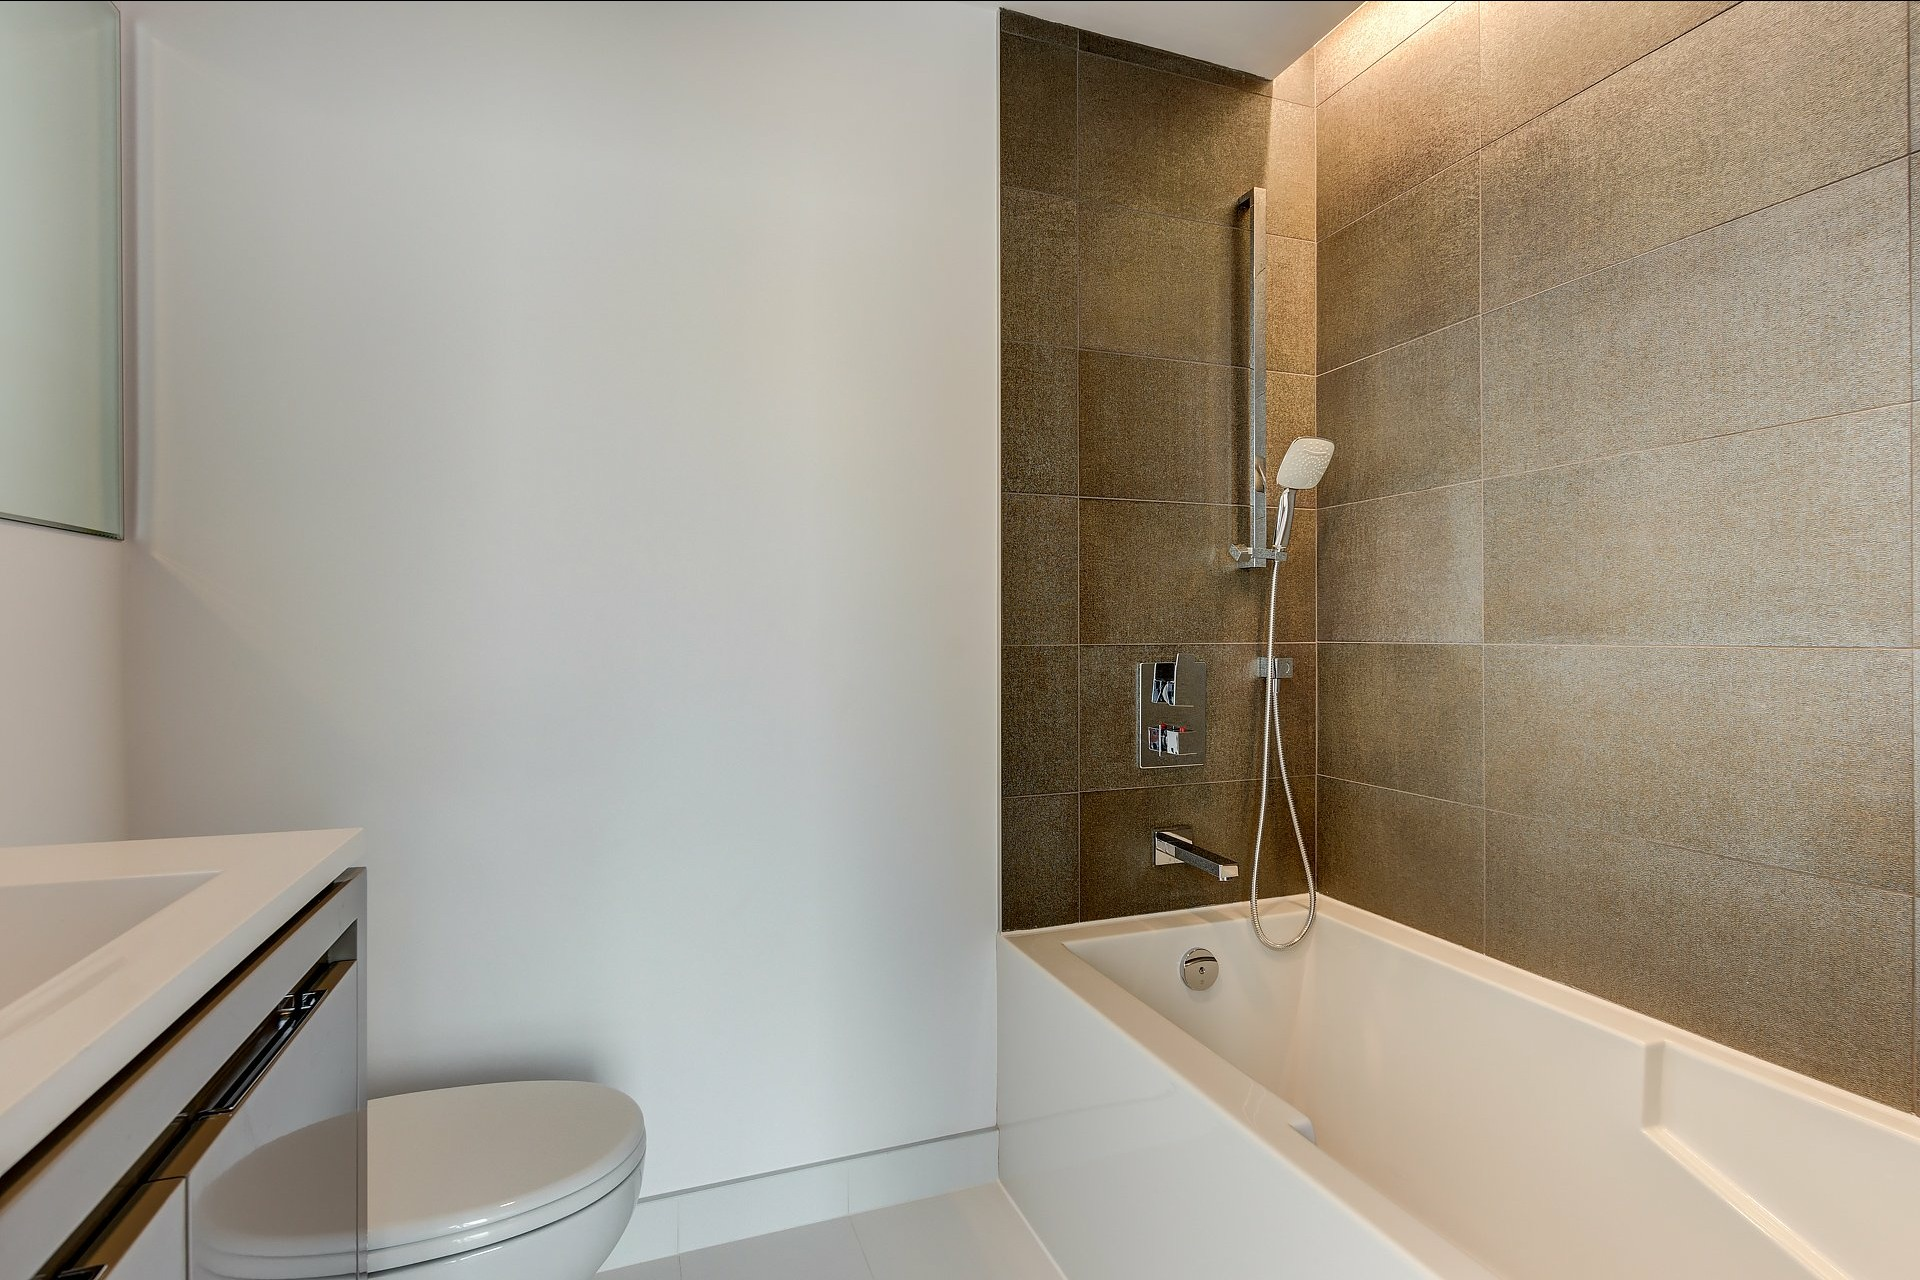 image 7 - Apartment For rent Montréal Ville-Marie  - 4 rooms